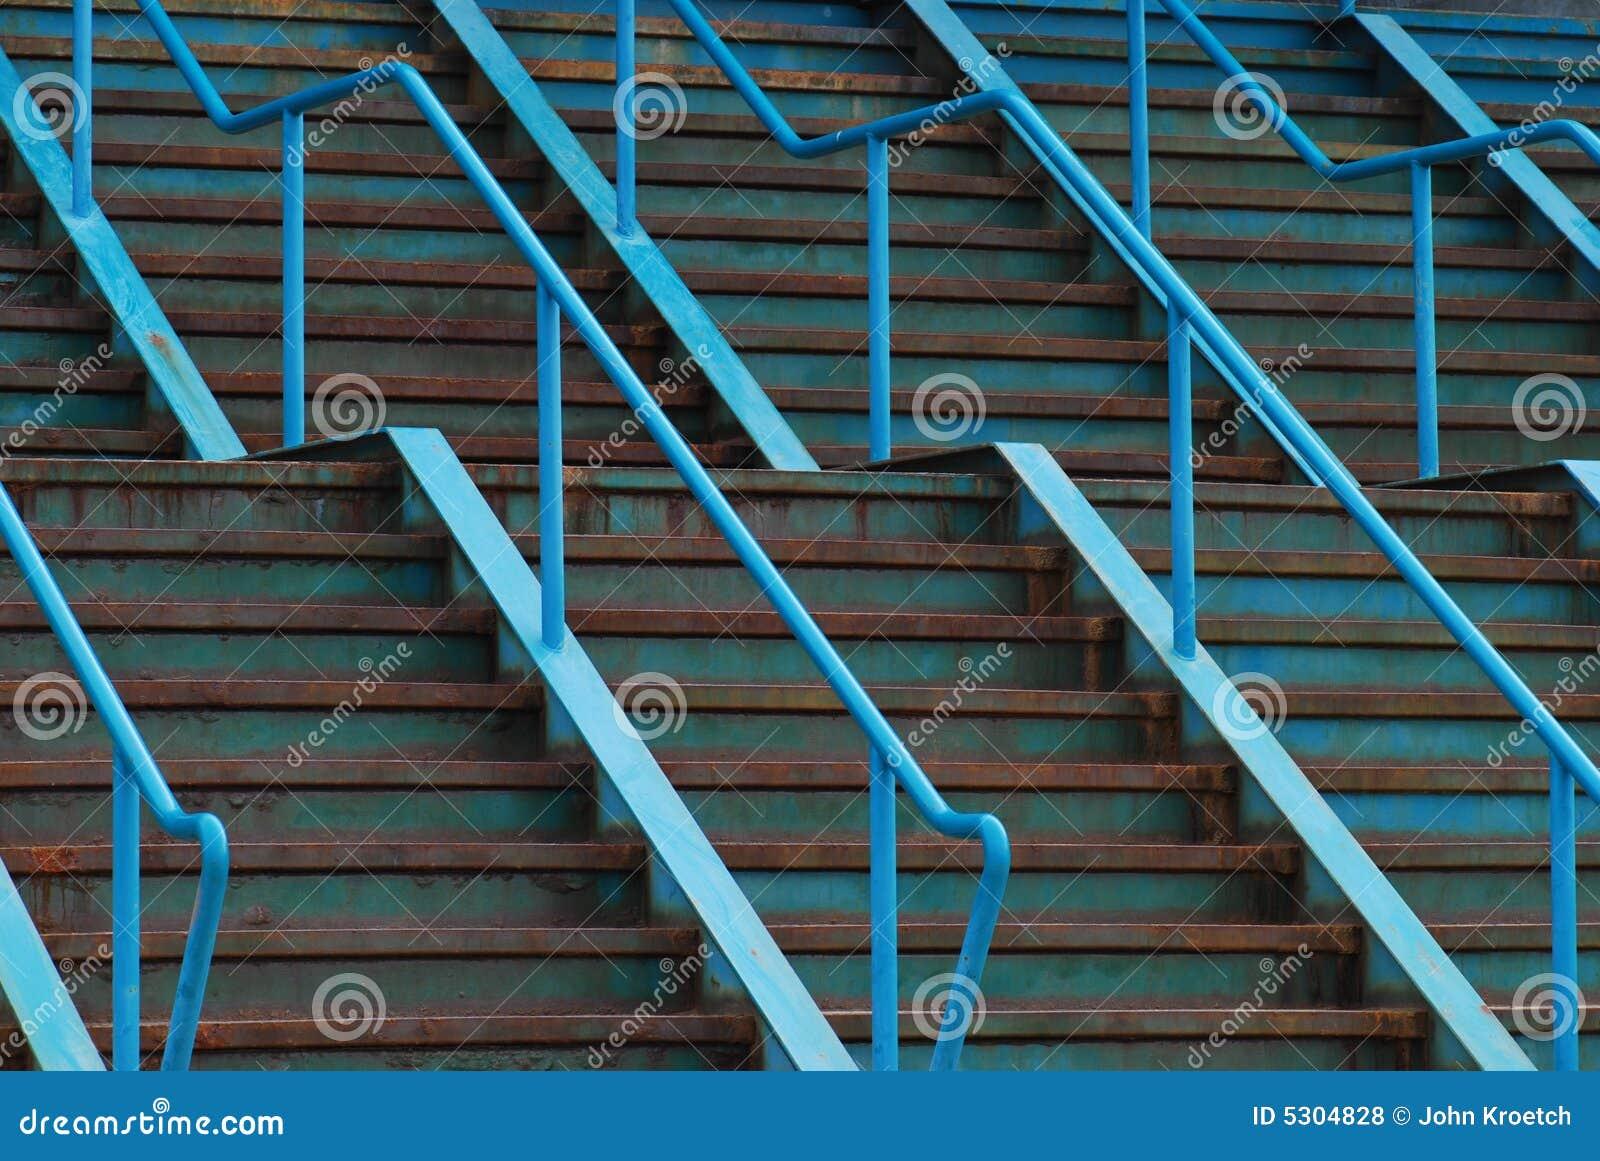 Blue Steel Stairs